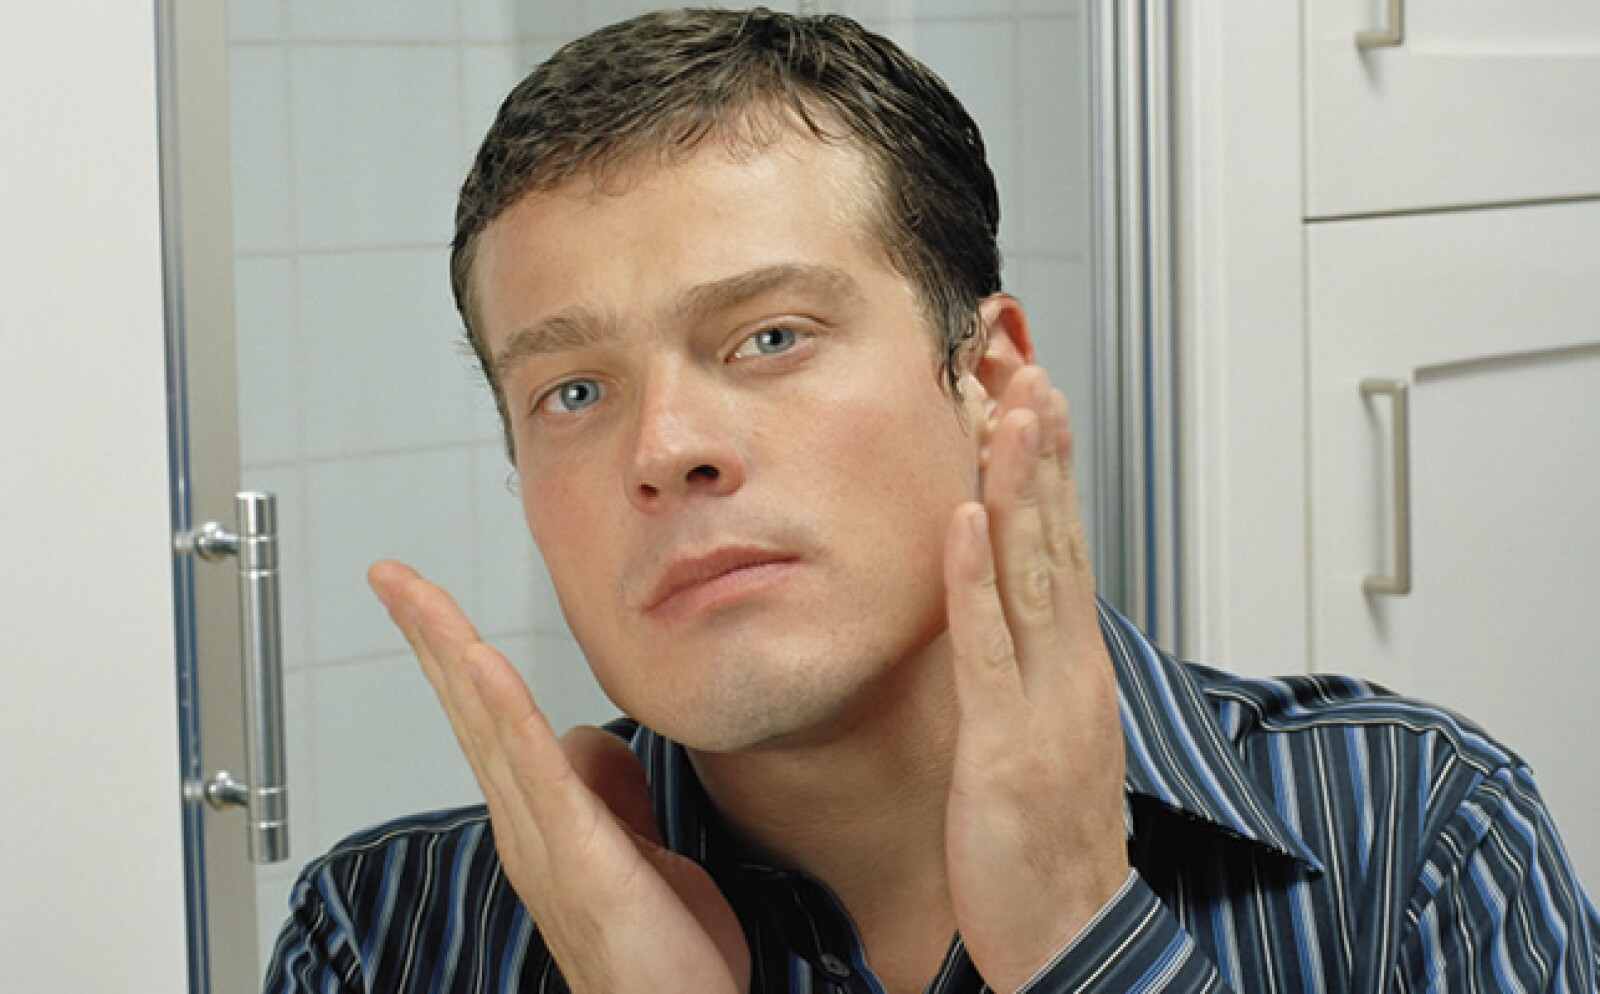 El rasurado es un proceso traumático para la piel, así que hay que darle una serie de cuidados posteriores según tu complexión. La loción sin alcohol es para pieles grasas y debe aplicarse con golpecitos.